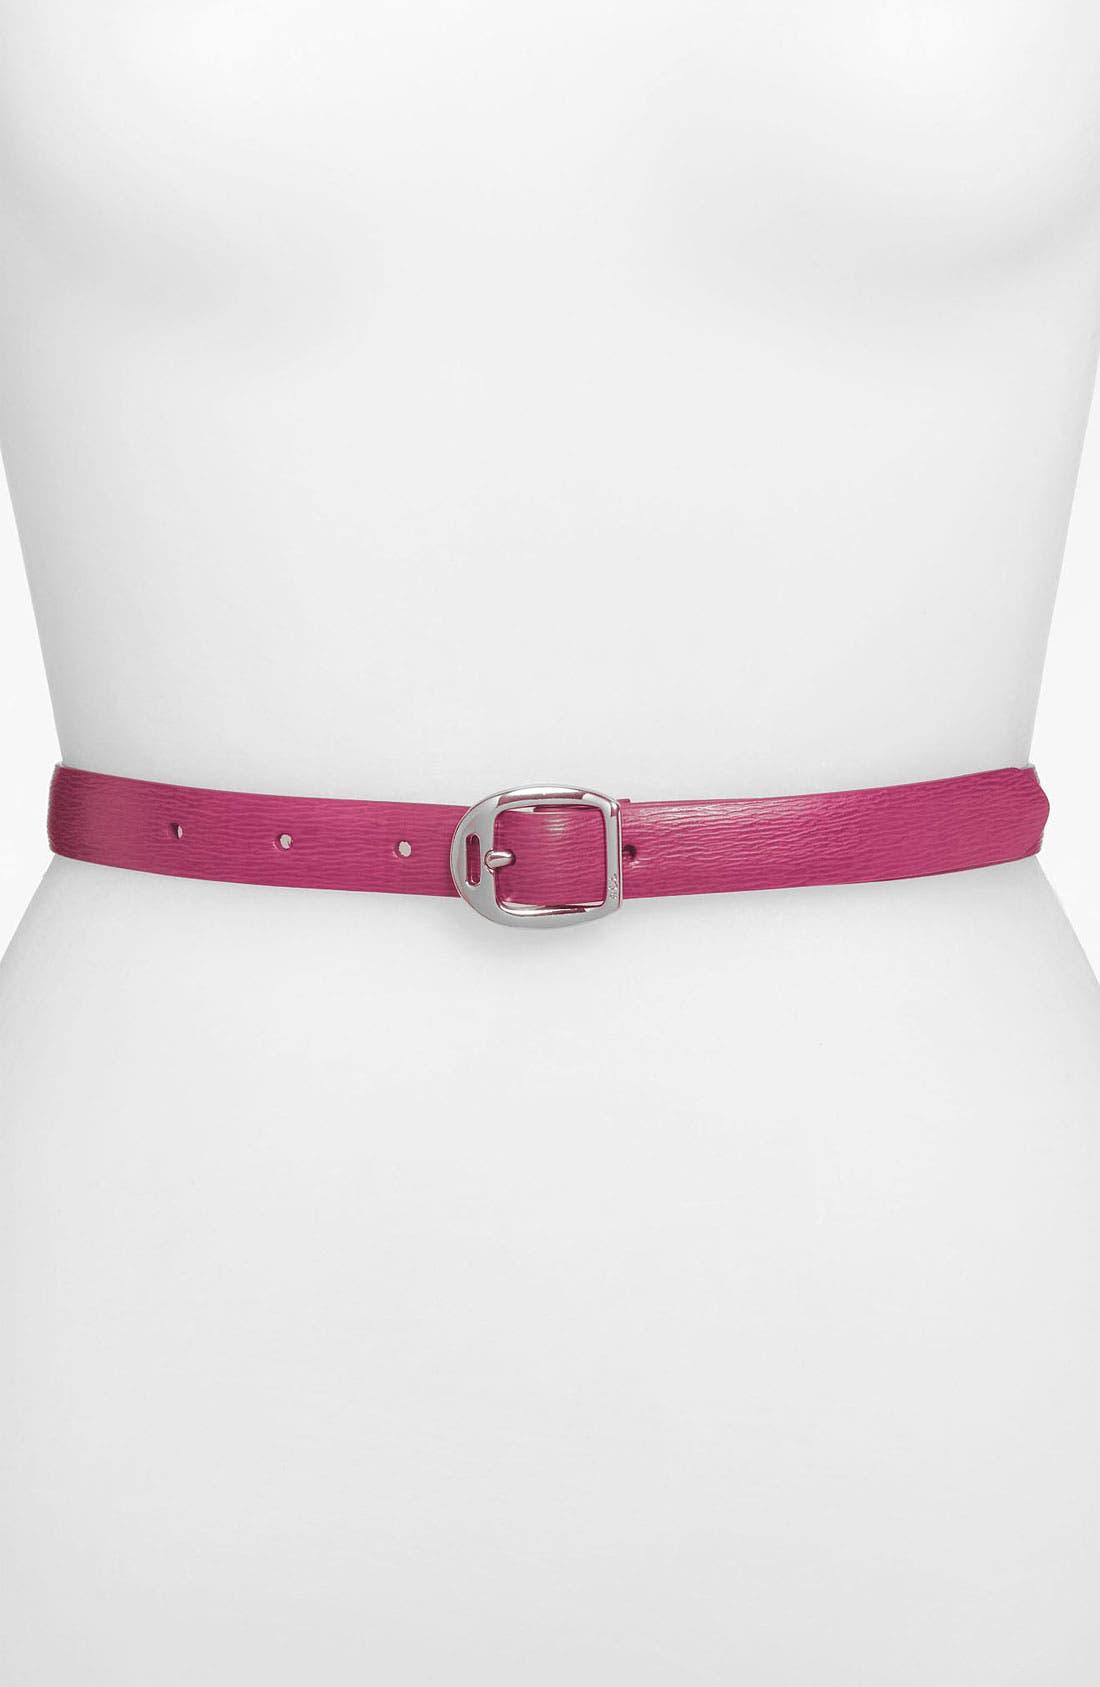 Alternate Image 1 Selected - Lauren Ralph Lauren Leather Belt